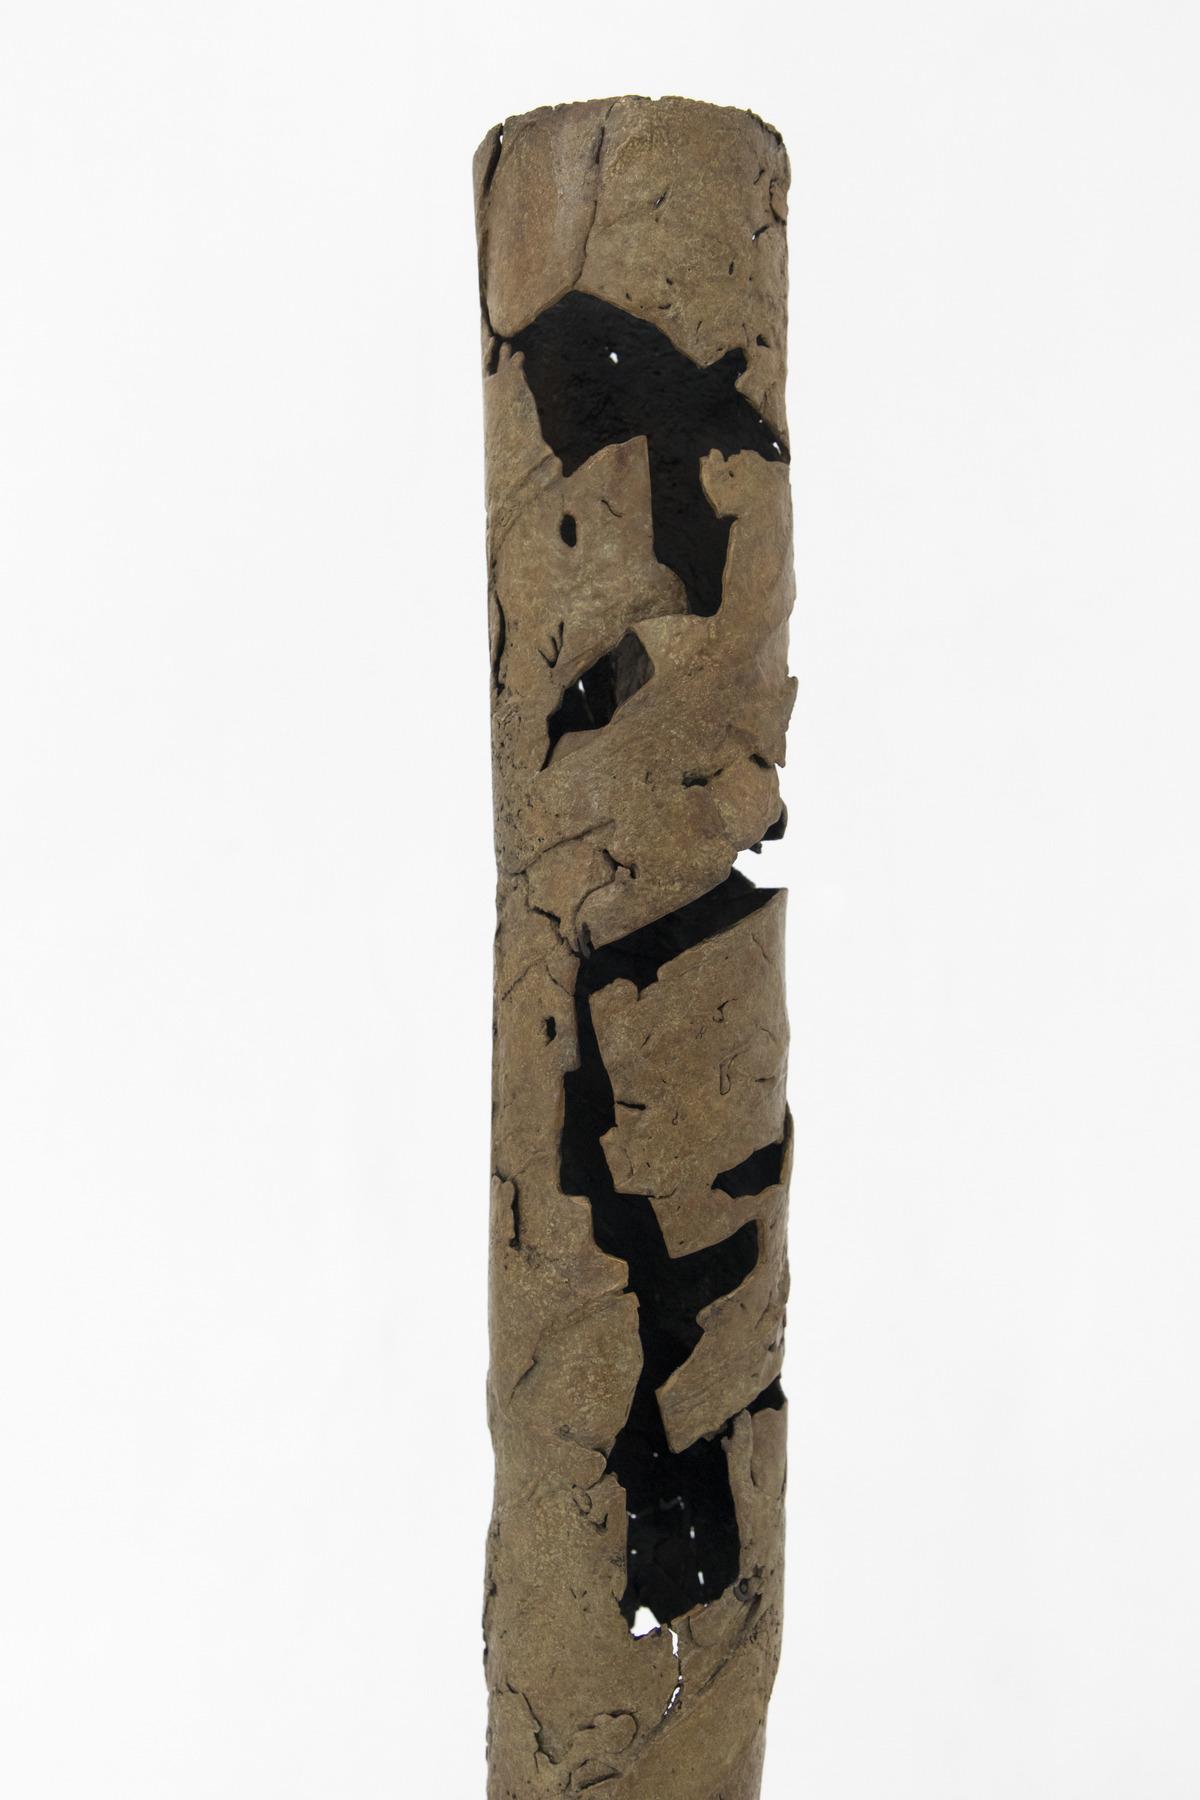 Ian Waelder at L21 Gallery – Art Viewer